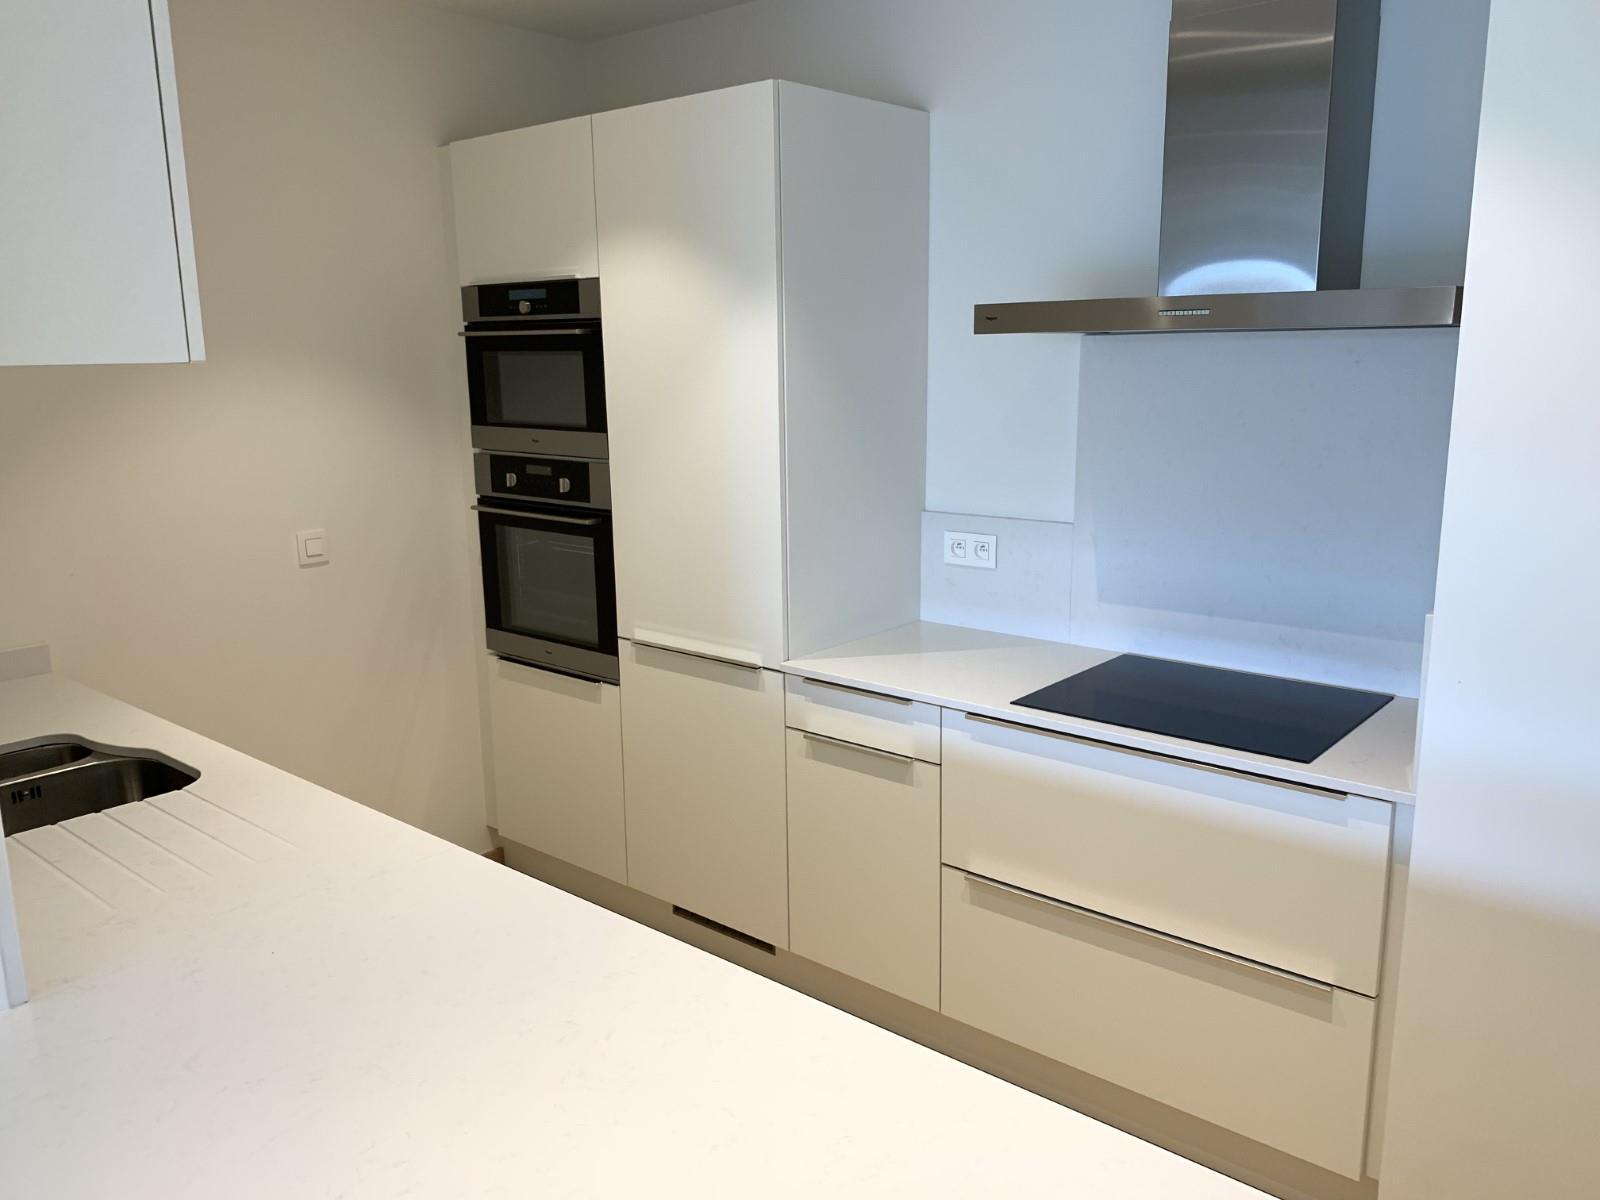 Appartement exceptionnel - Ixelles - #3918748-8